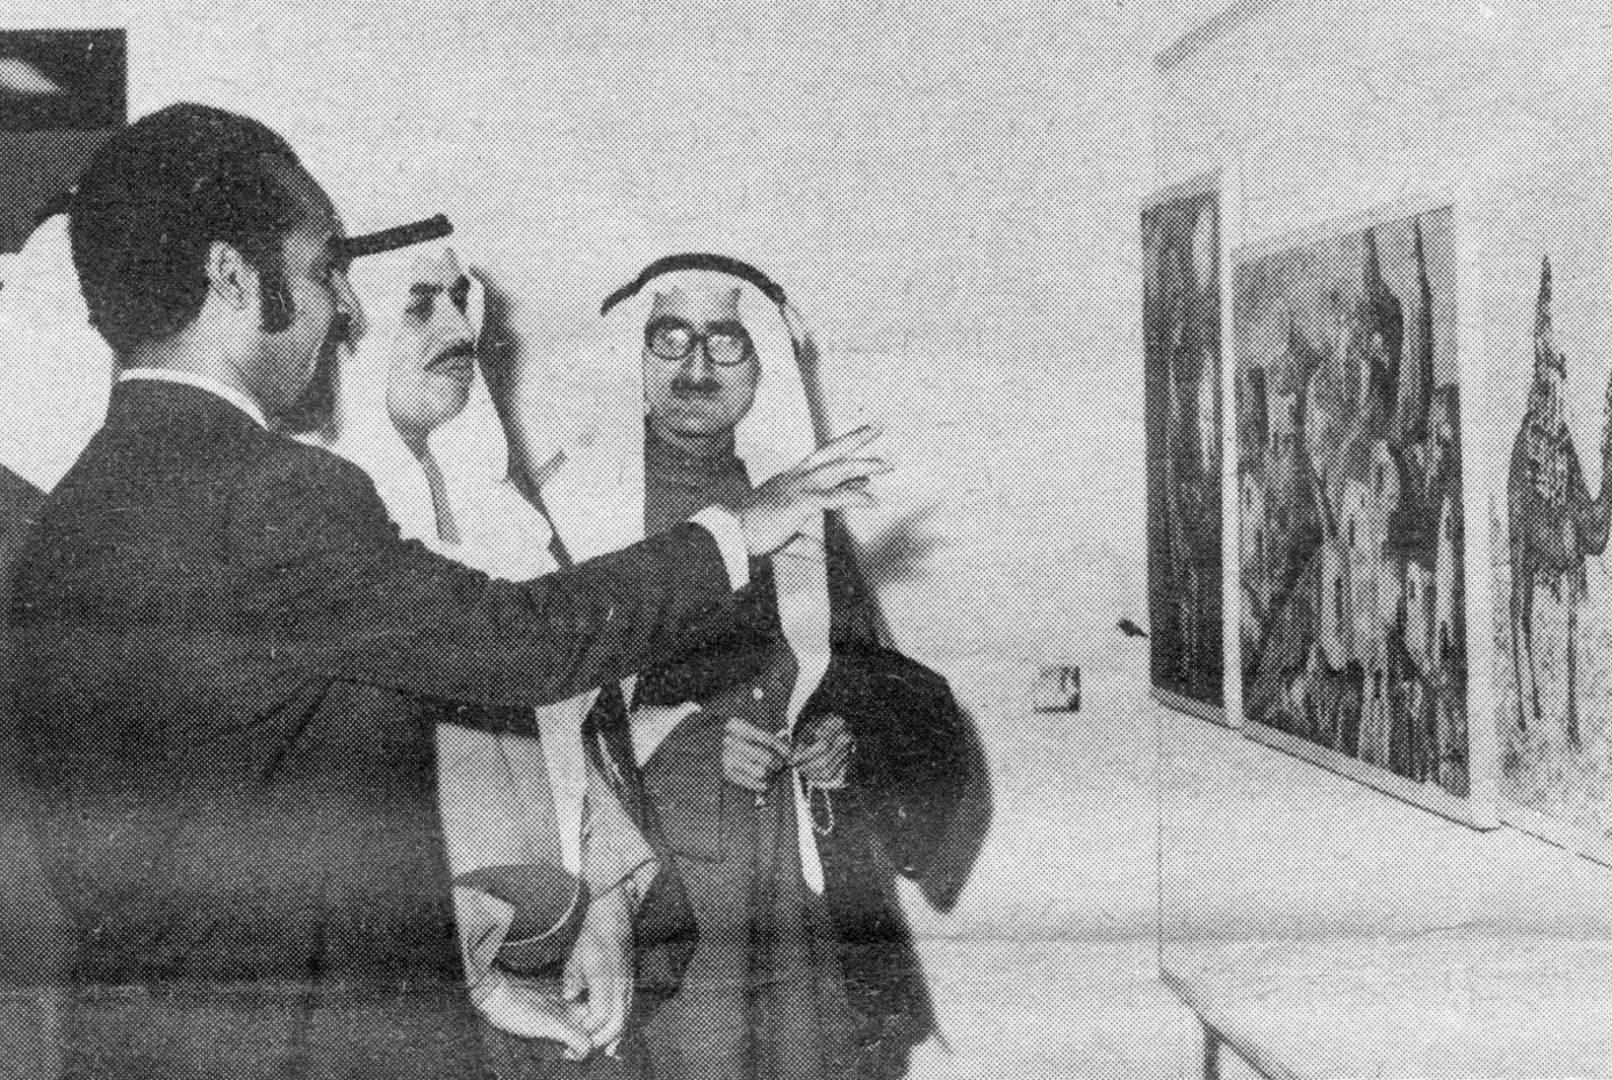 وزير الشؤون الاجتماعية والعمل حمد مبارك العيار يفتتح معرض الفنان الدكتور محمد إسماعيل